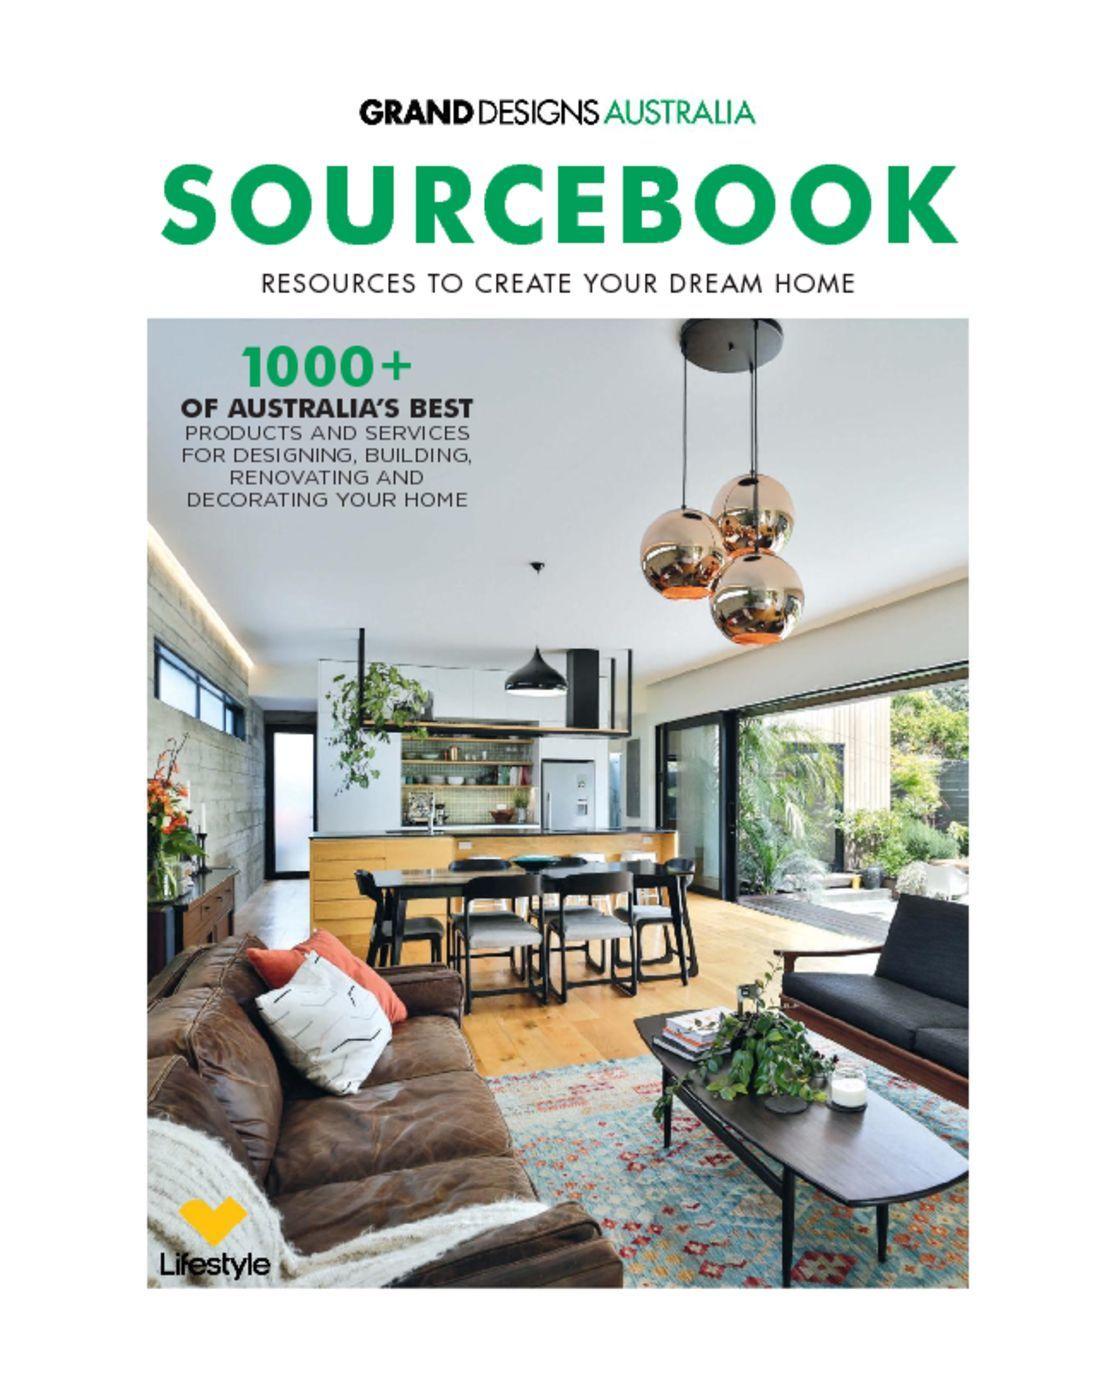 Grand Designs Australia Sourcebook Magazine (Digital) - DiscountMags.com